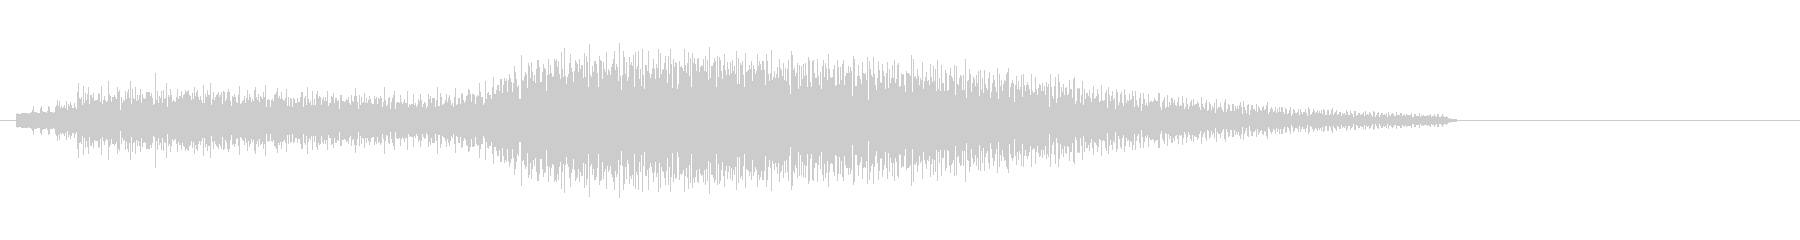 スチールギター:コードスライドアッ...の未再生の波形